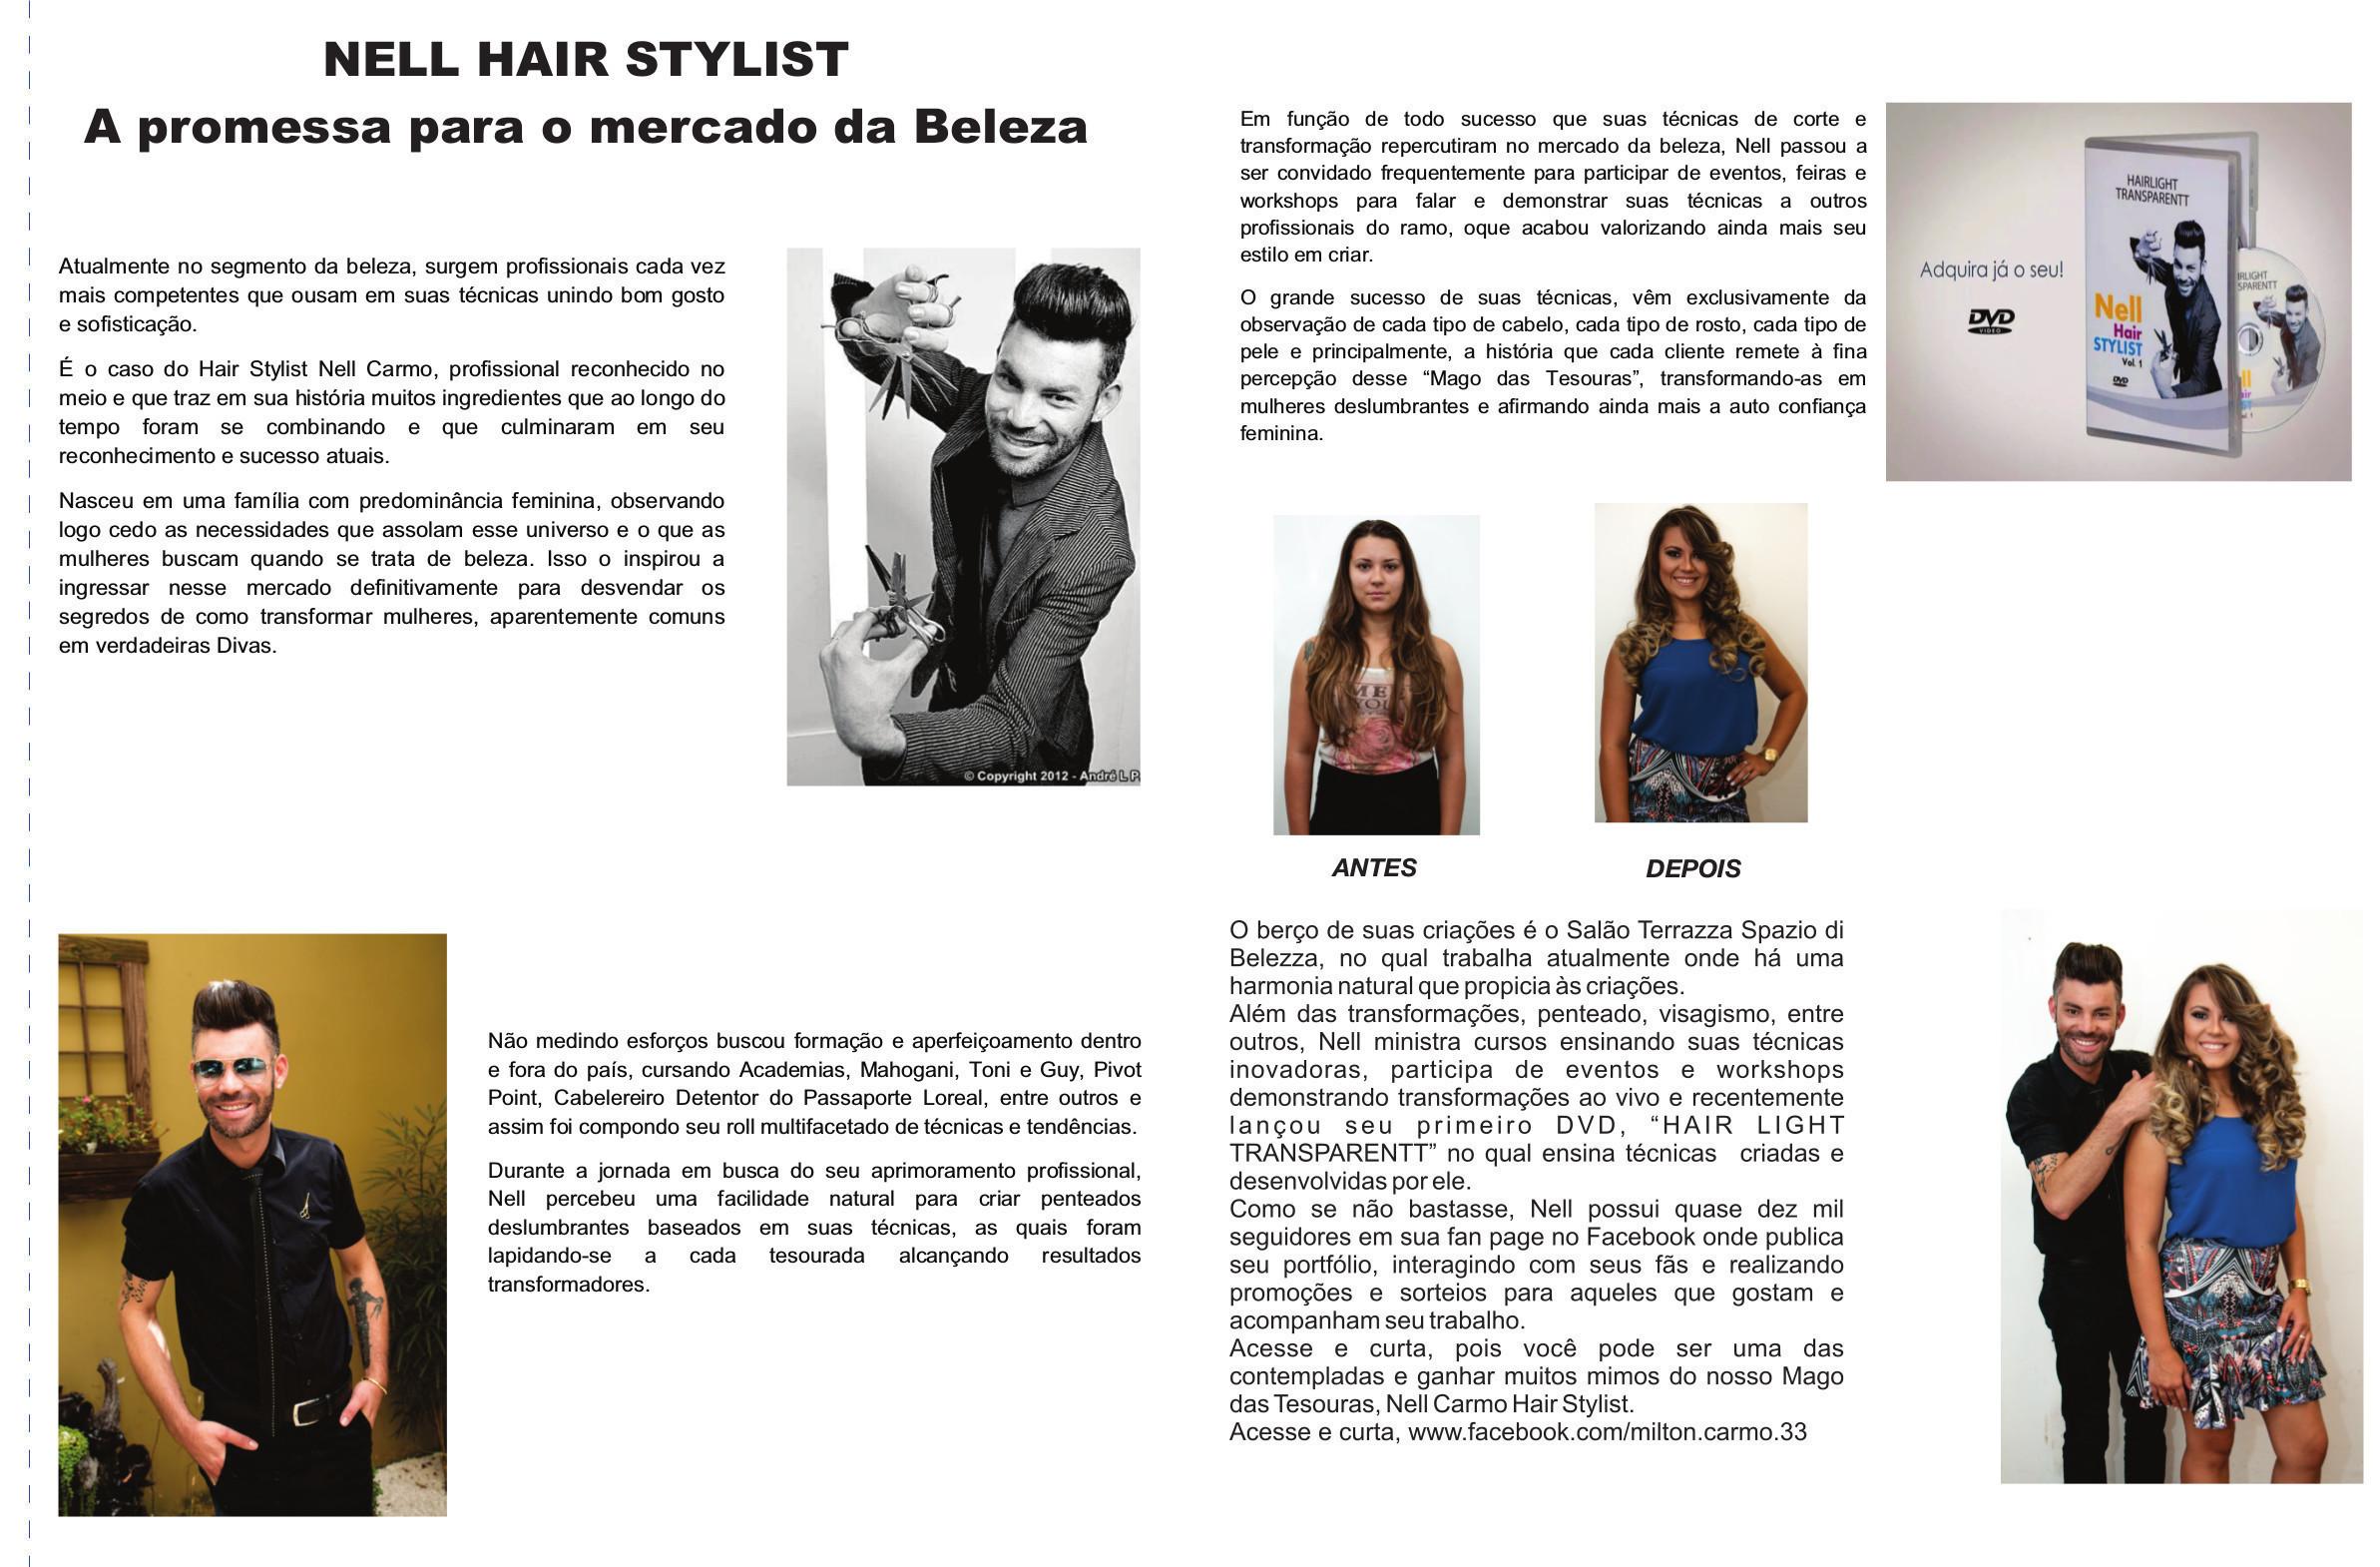 Nell Carmo Hair Stylist  cabeleireiro(a)